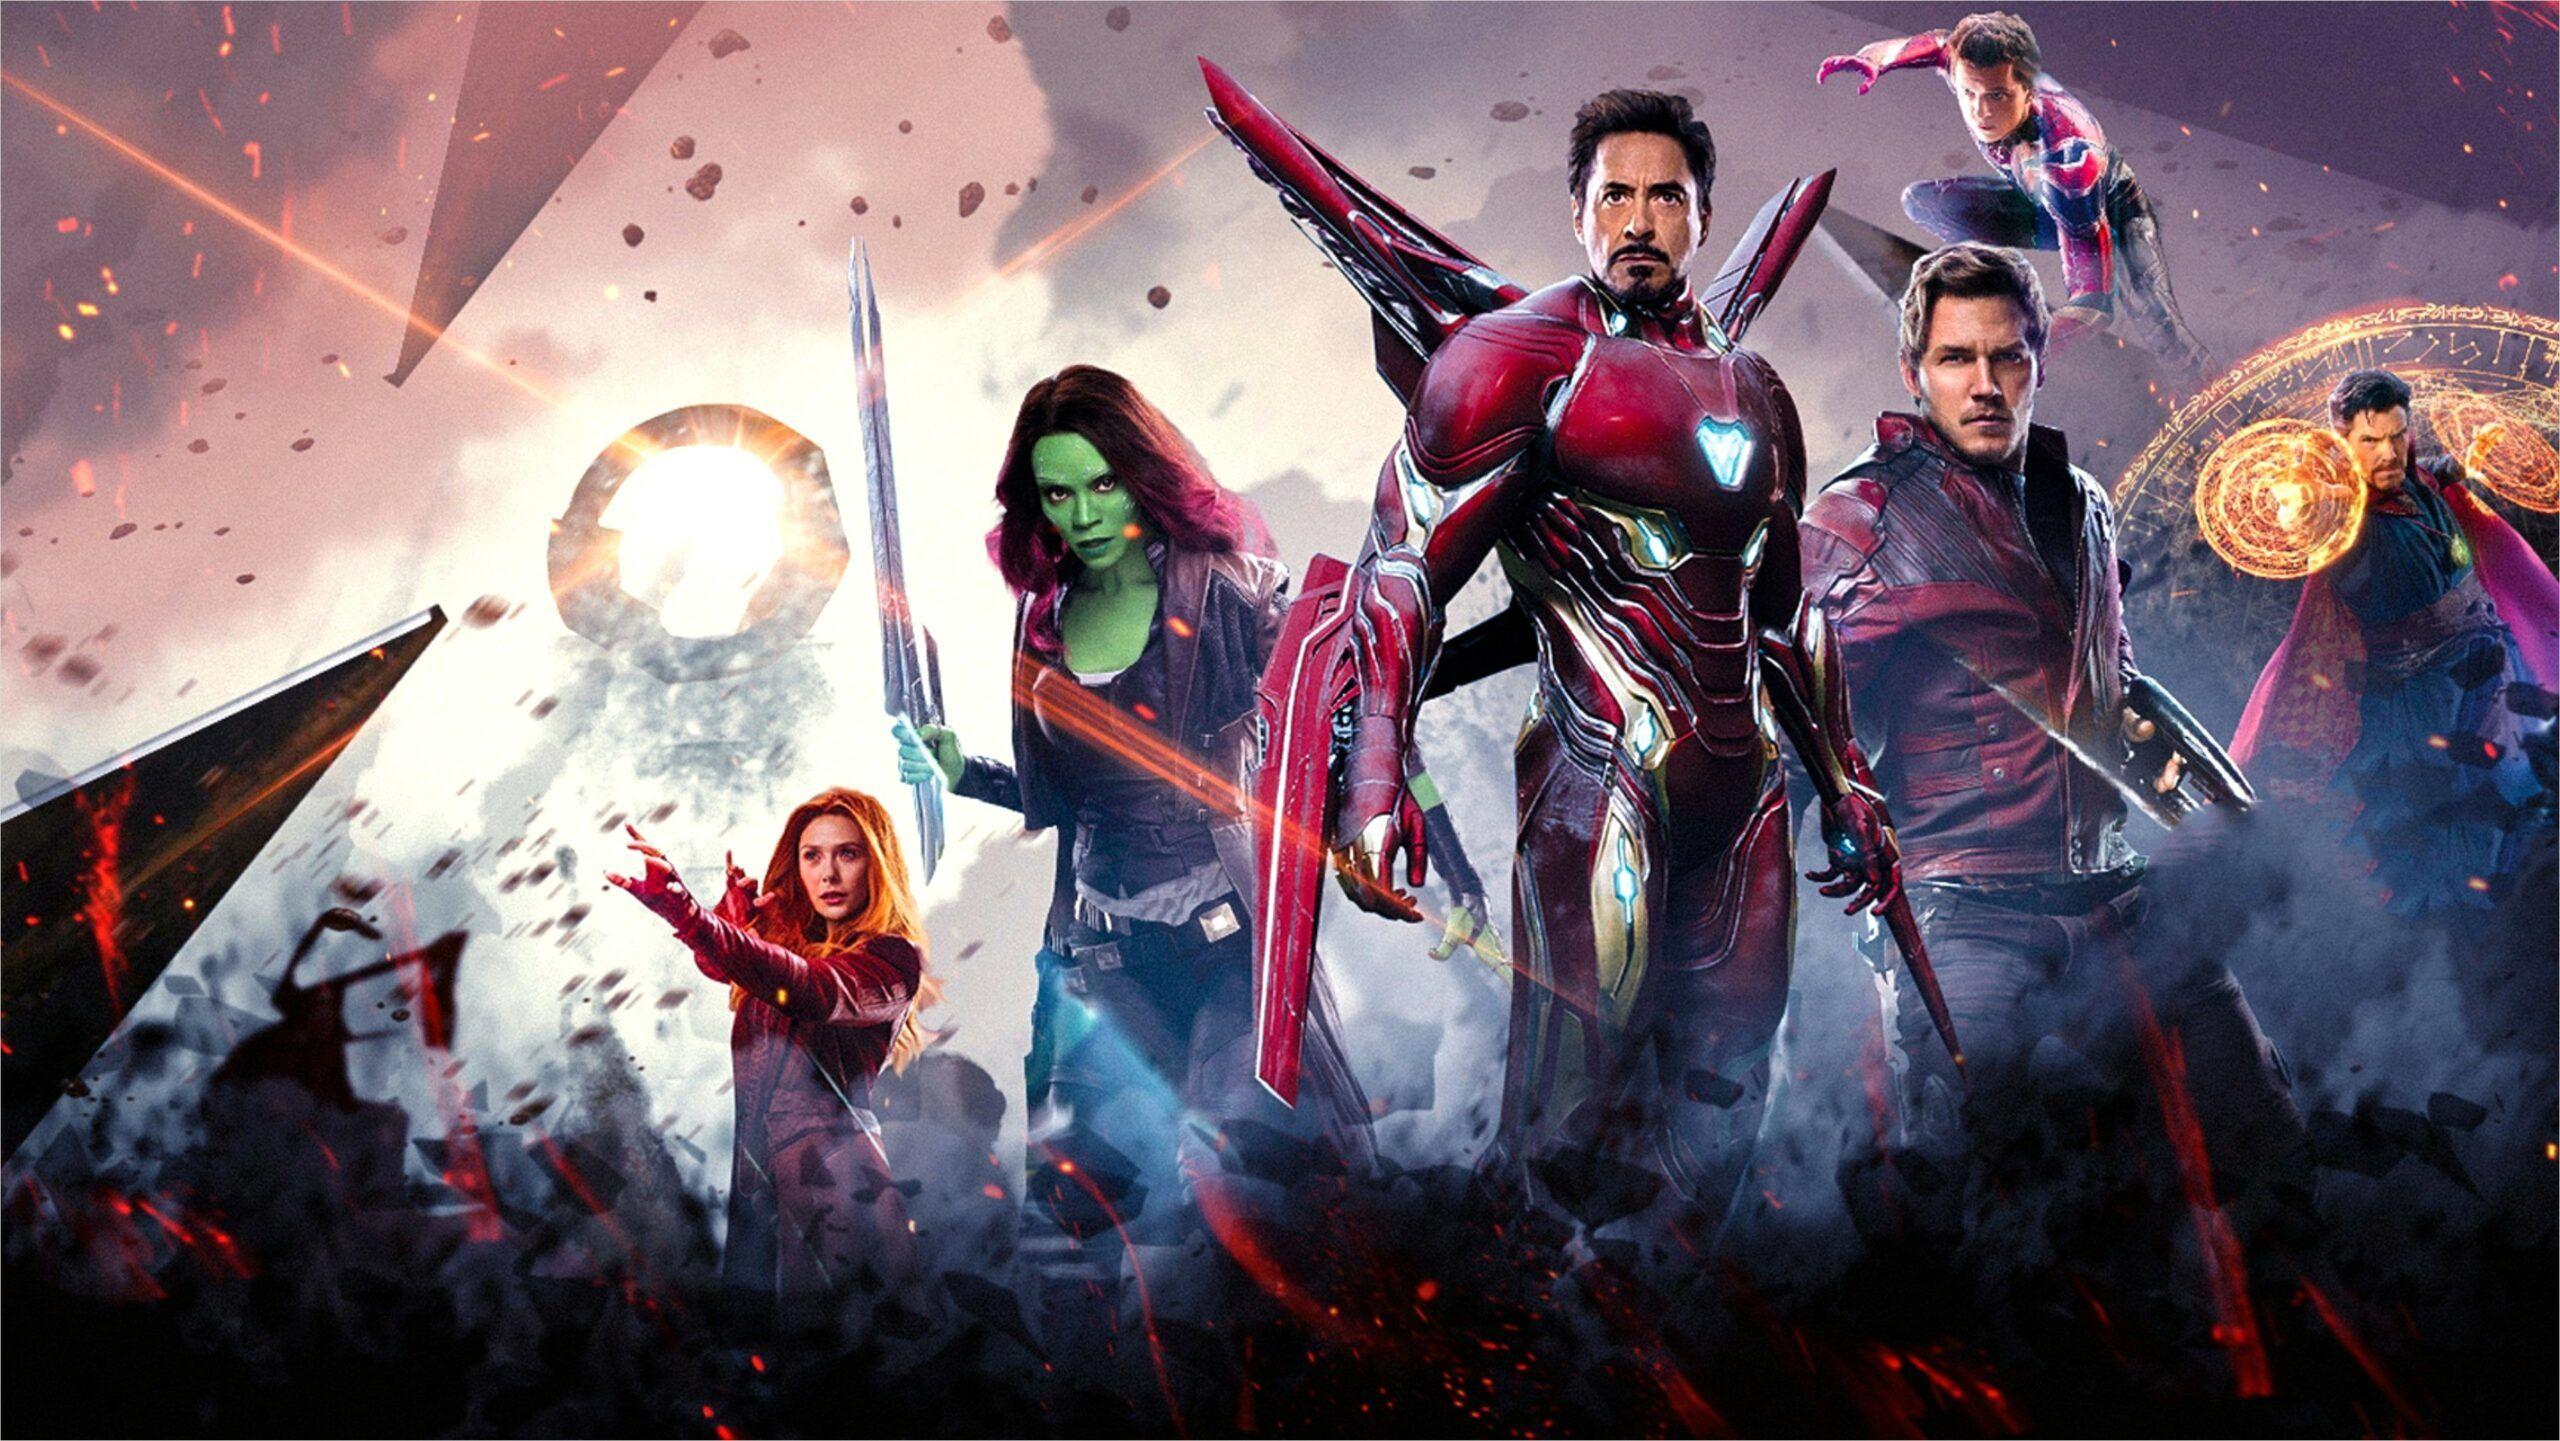 4k Wallpaper Avenger Infinity Wasr Wallpaper In 2020 Avengers